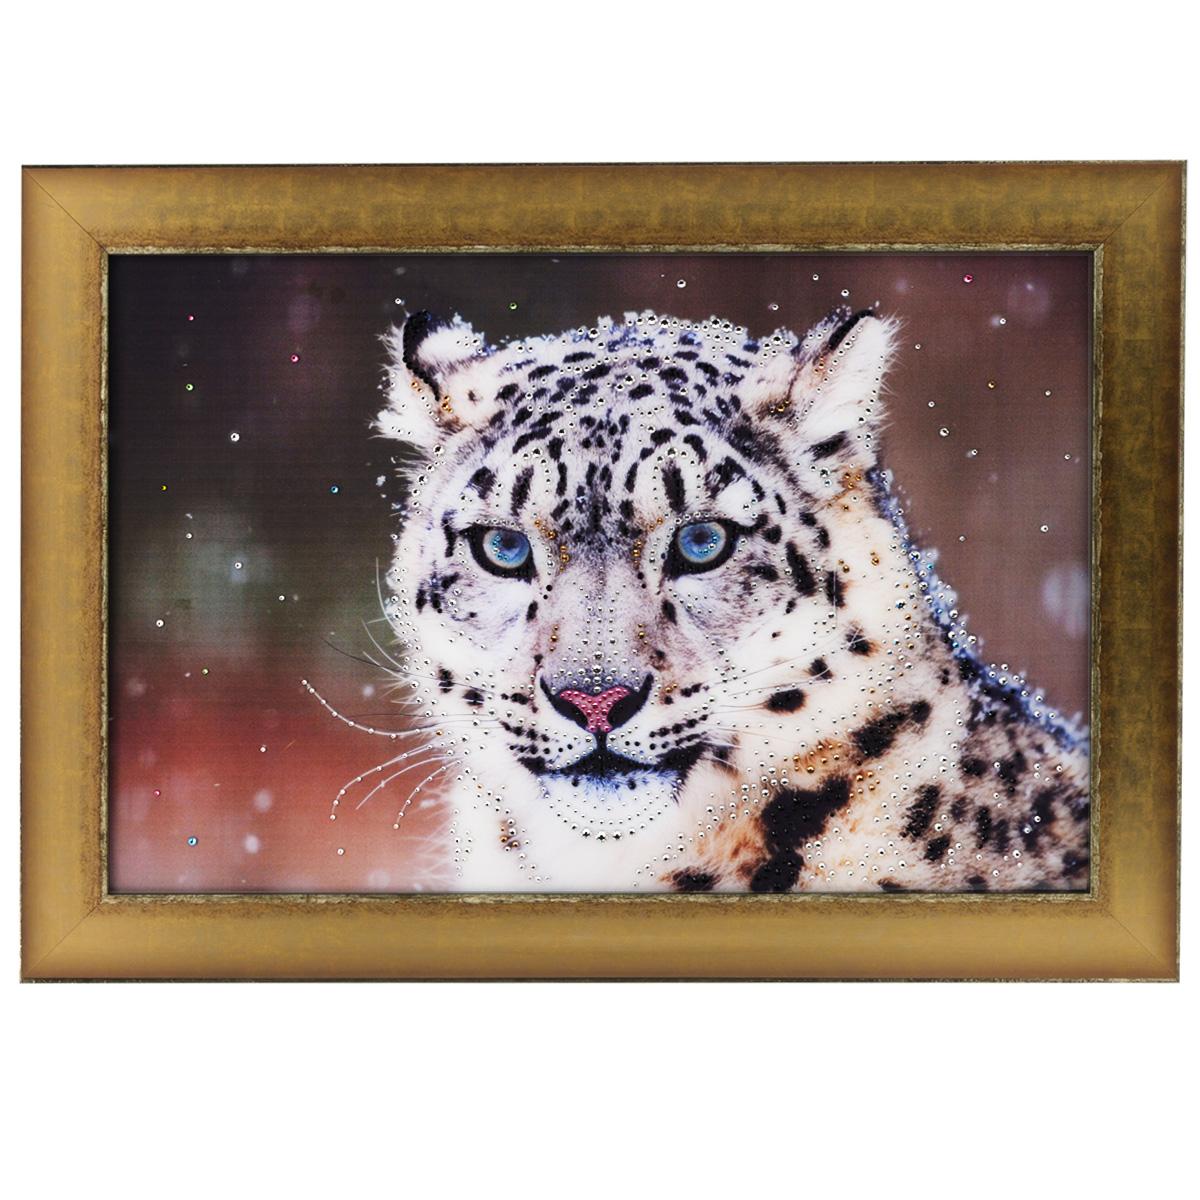 Картина с кристаллами Swarovski Снежный барс, 70 см х 50 смAG 30-14Изящная картина в багетной раме, инкрустирована кристаллами Swarovski, которые отличаются четкой и ровной огранкой, ярким блеском и чистотой цвета. Красочное изображение снежного барса, расположенное под стеклом, прекрасно дополняет блеск кристаллов. С обратной стороны имеется металлическая проволока для размещения картины на стене. Картина с кристаллами Swarovski Снежный барс элегантно украсит интерьер дома или офиса, а также станет прекрасным подарком, который обязательно понравится получателю. Блеск кристаллов в интерьере, что может быть сказочнее и удивительнее. Картина упакована в подарочную картонную коробку синего цвета и комплектуется сертификатом соответствия Swarovski.